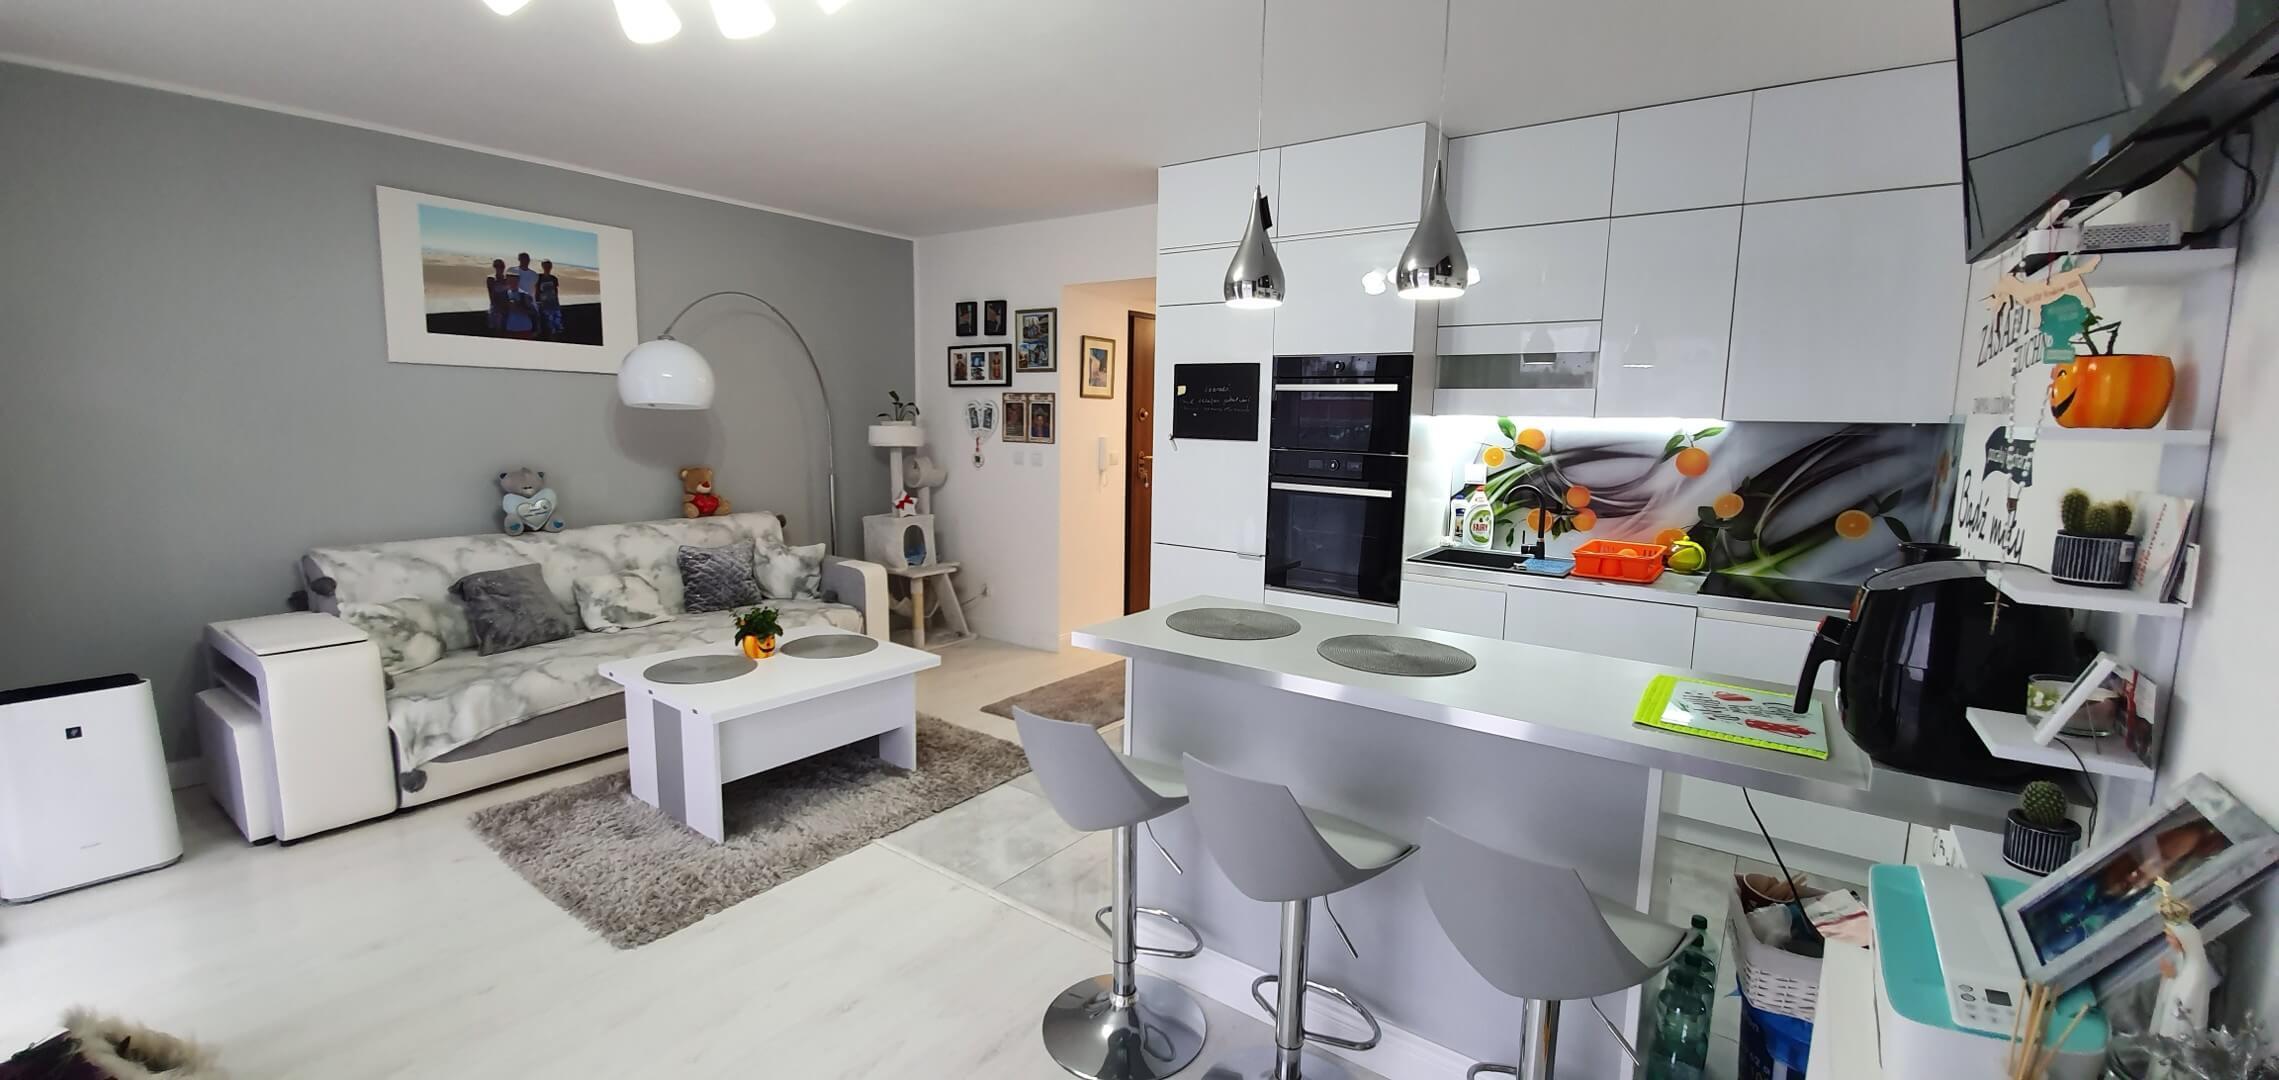 2-комнатная квартира 43 м2, Краков